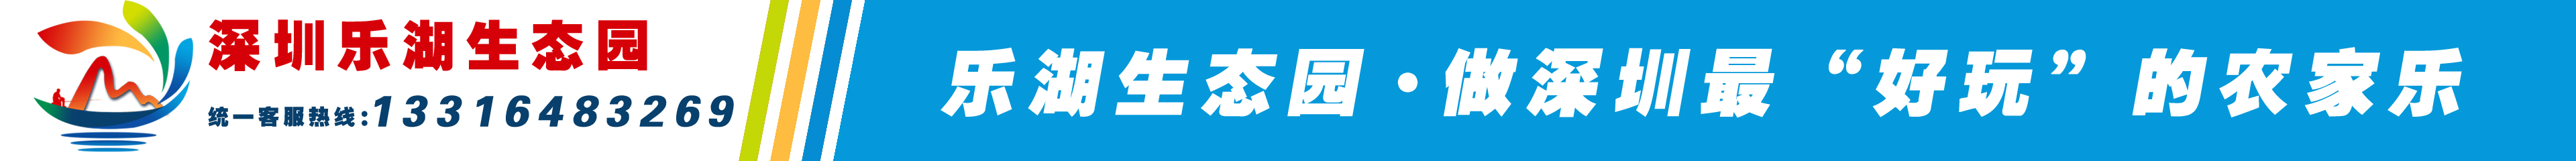 内页百叶窗